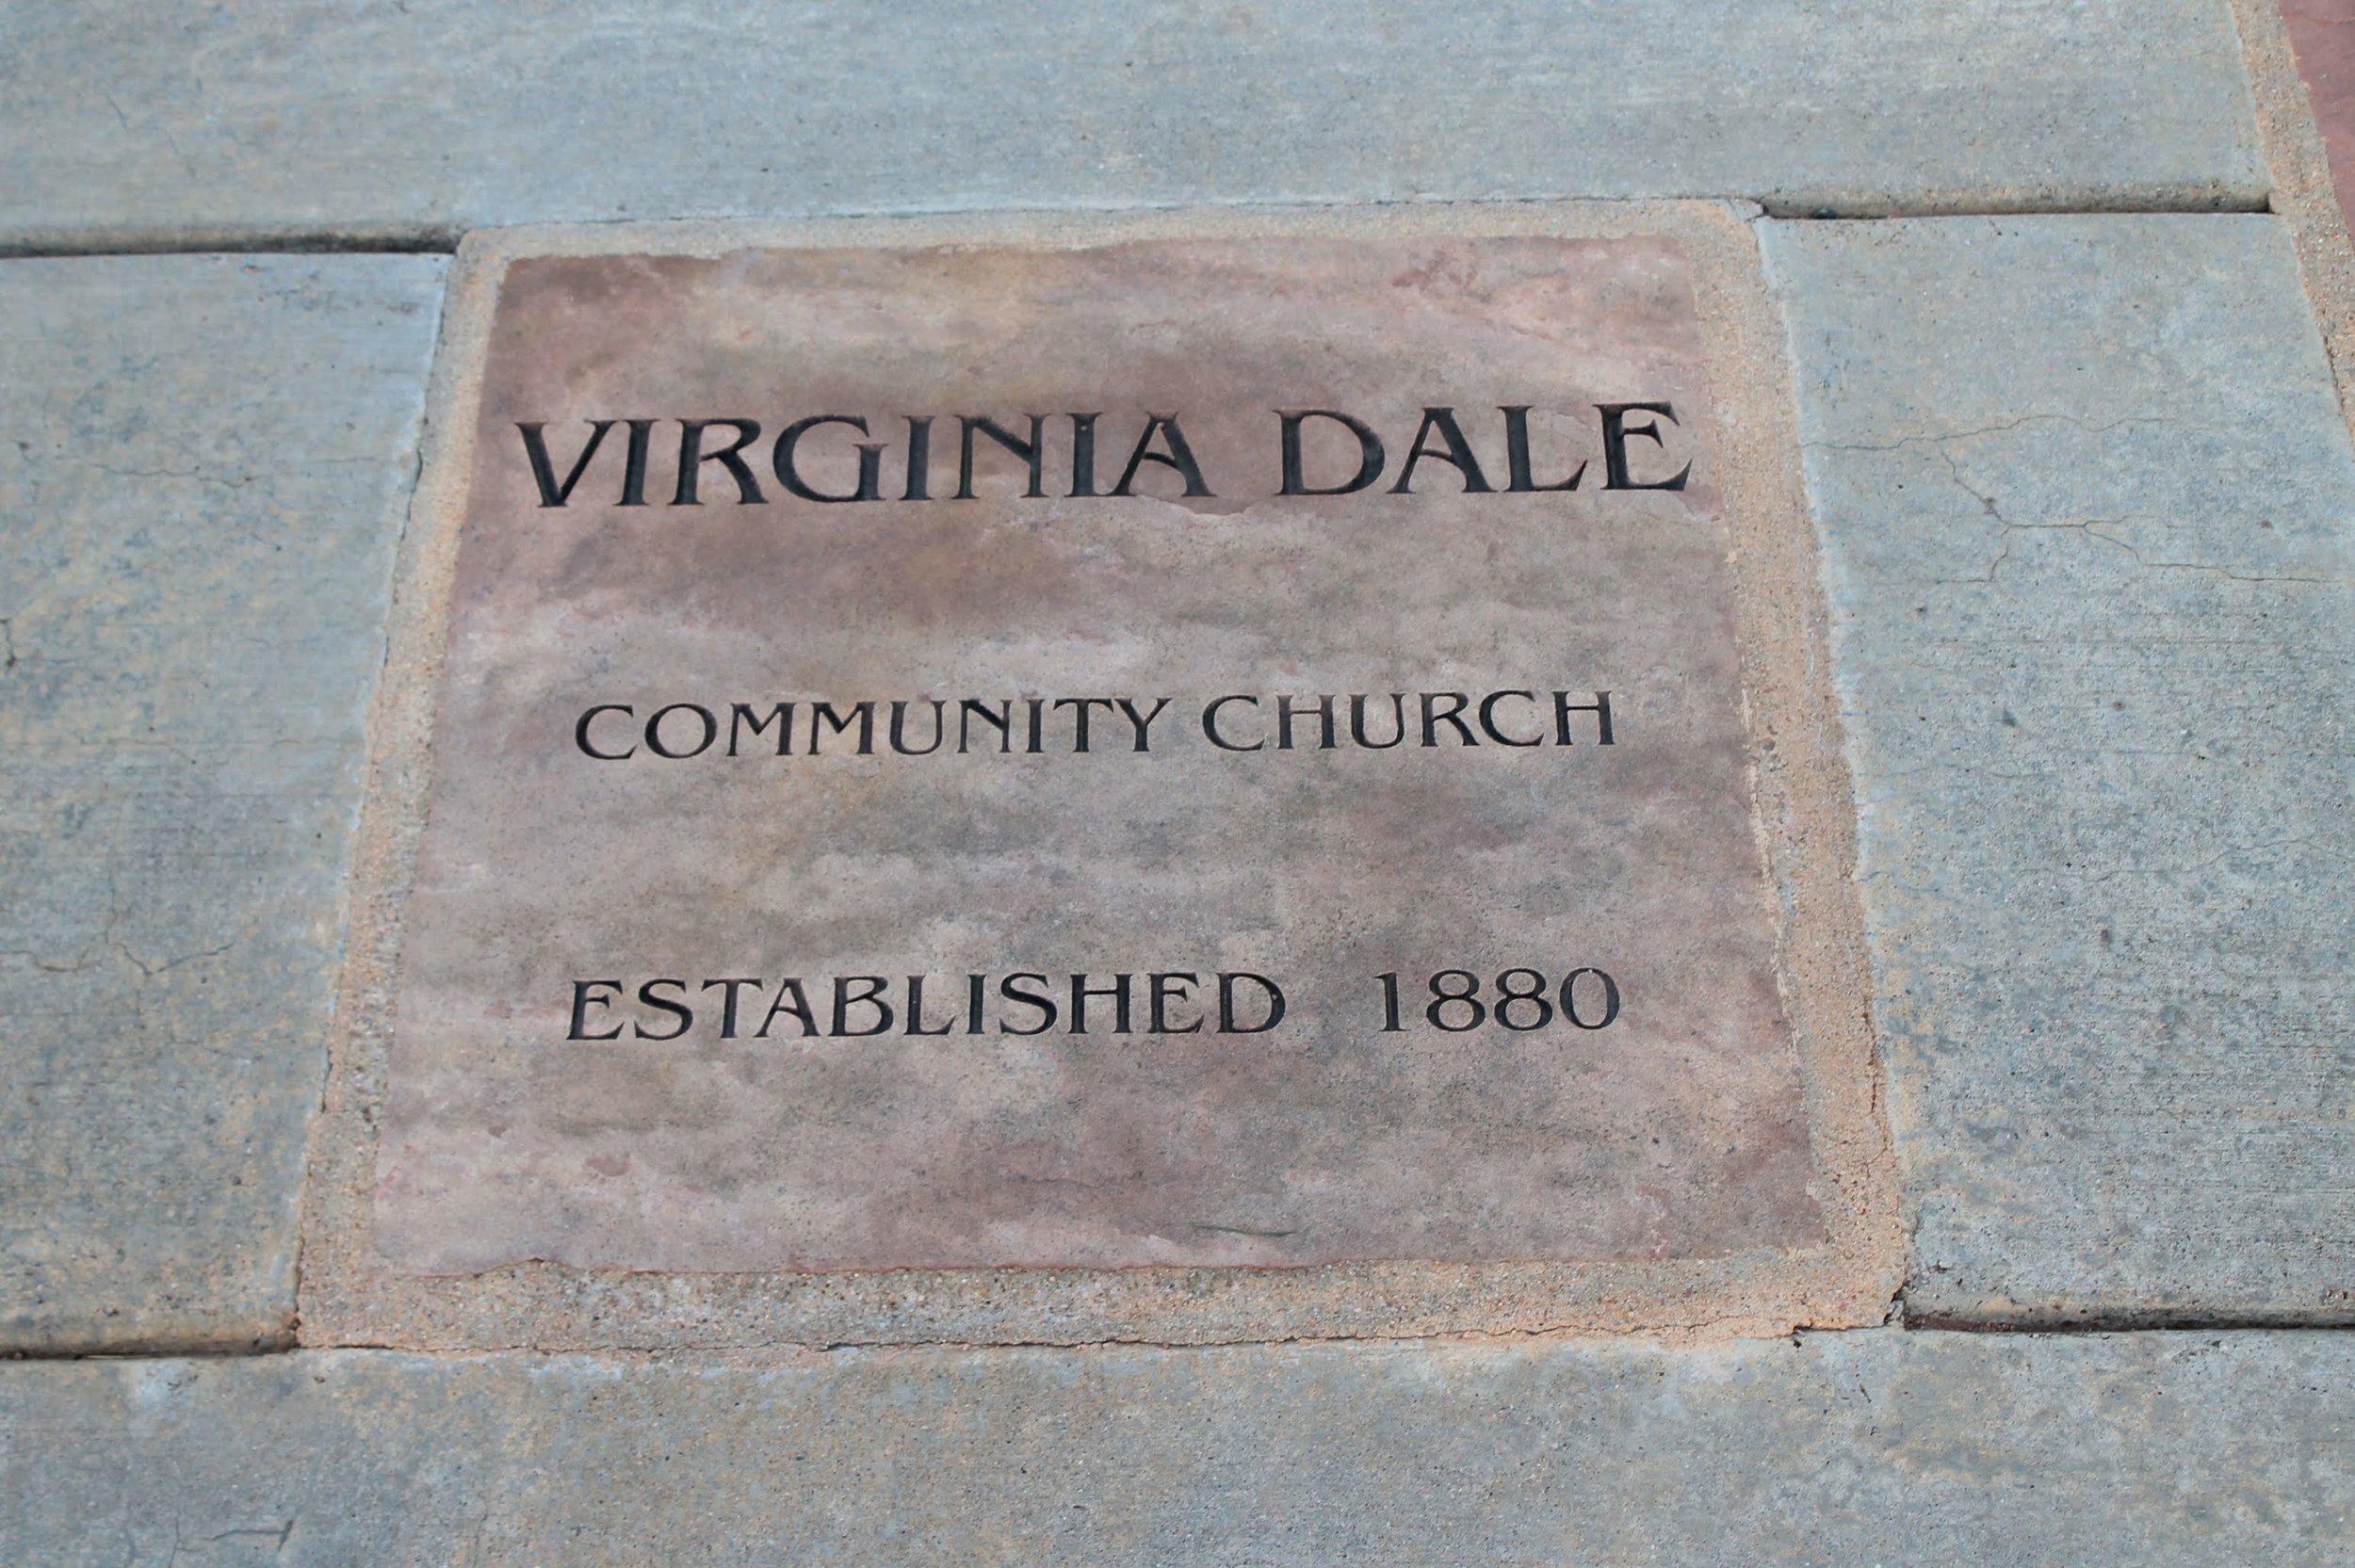 Established in 1880.